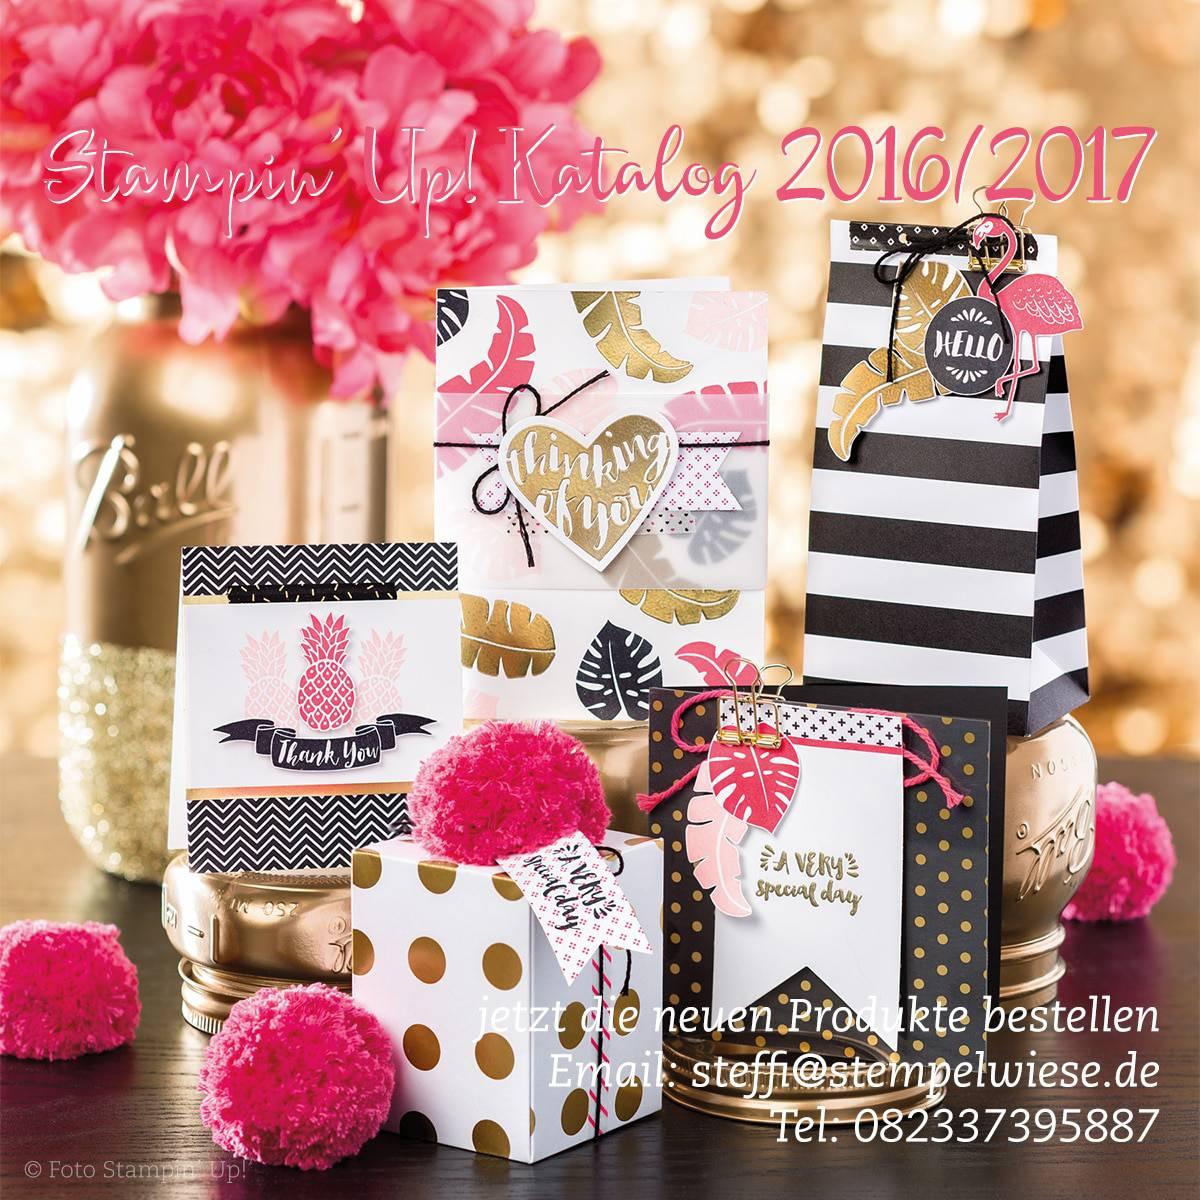 Stampin' Up! Jahreskatalog 2016/2017